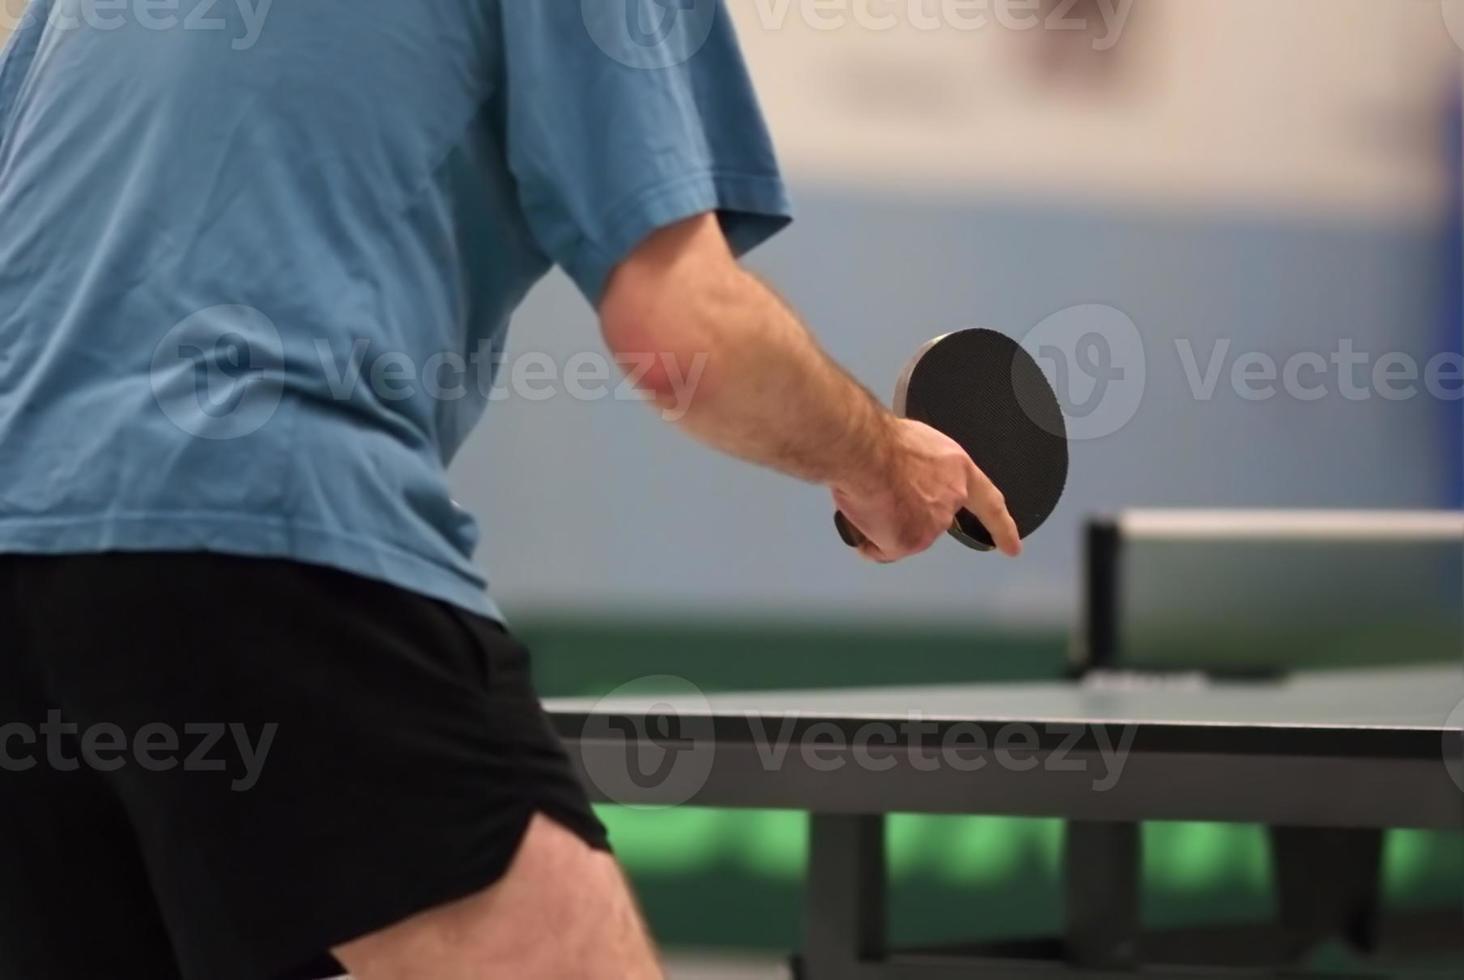 jogador de tênis de mesa esperando a bola foto